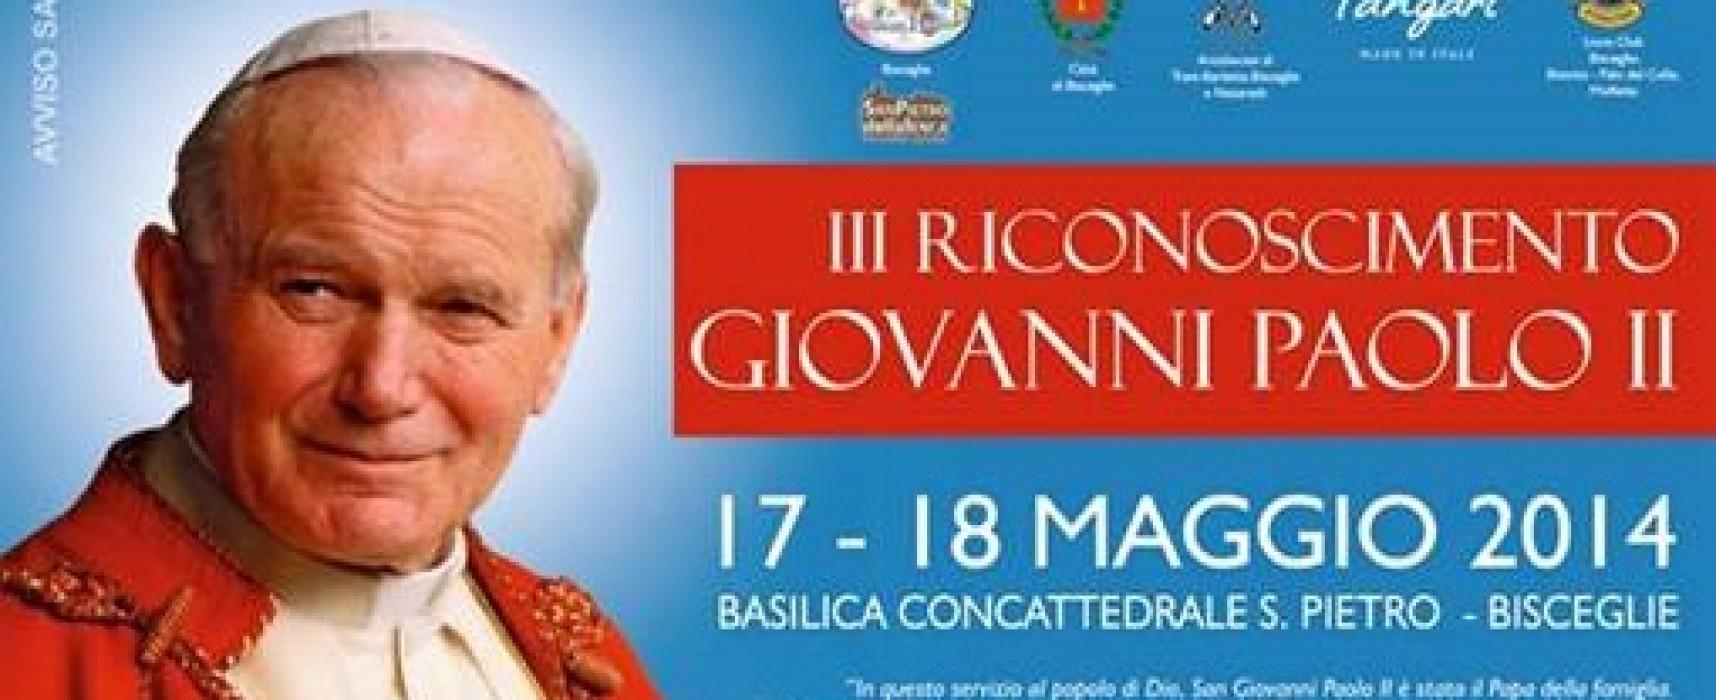 """17 e 18 maggio, III edizione Riconoscimento """"Giovanni Paolo II"""""""